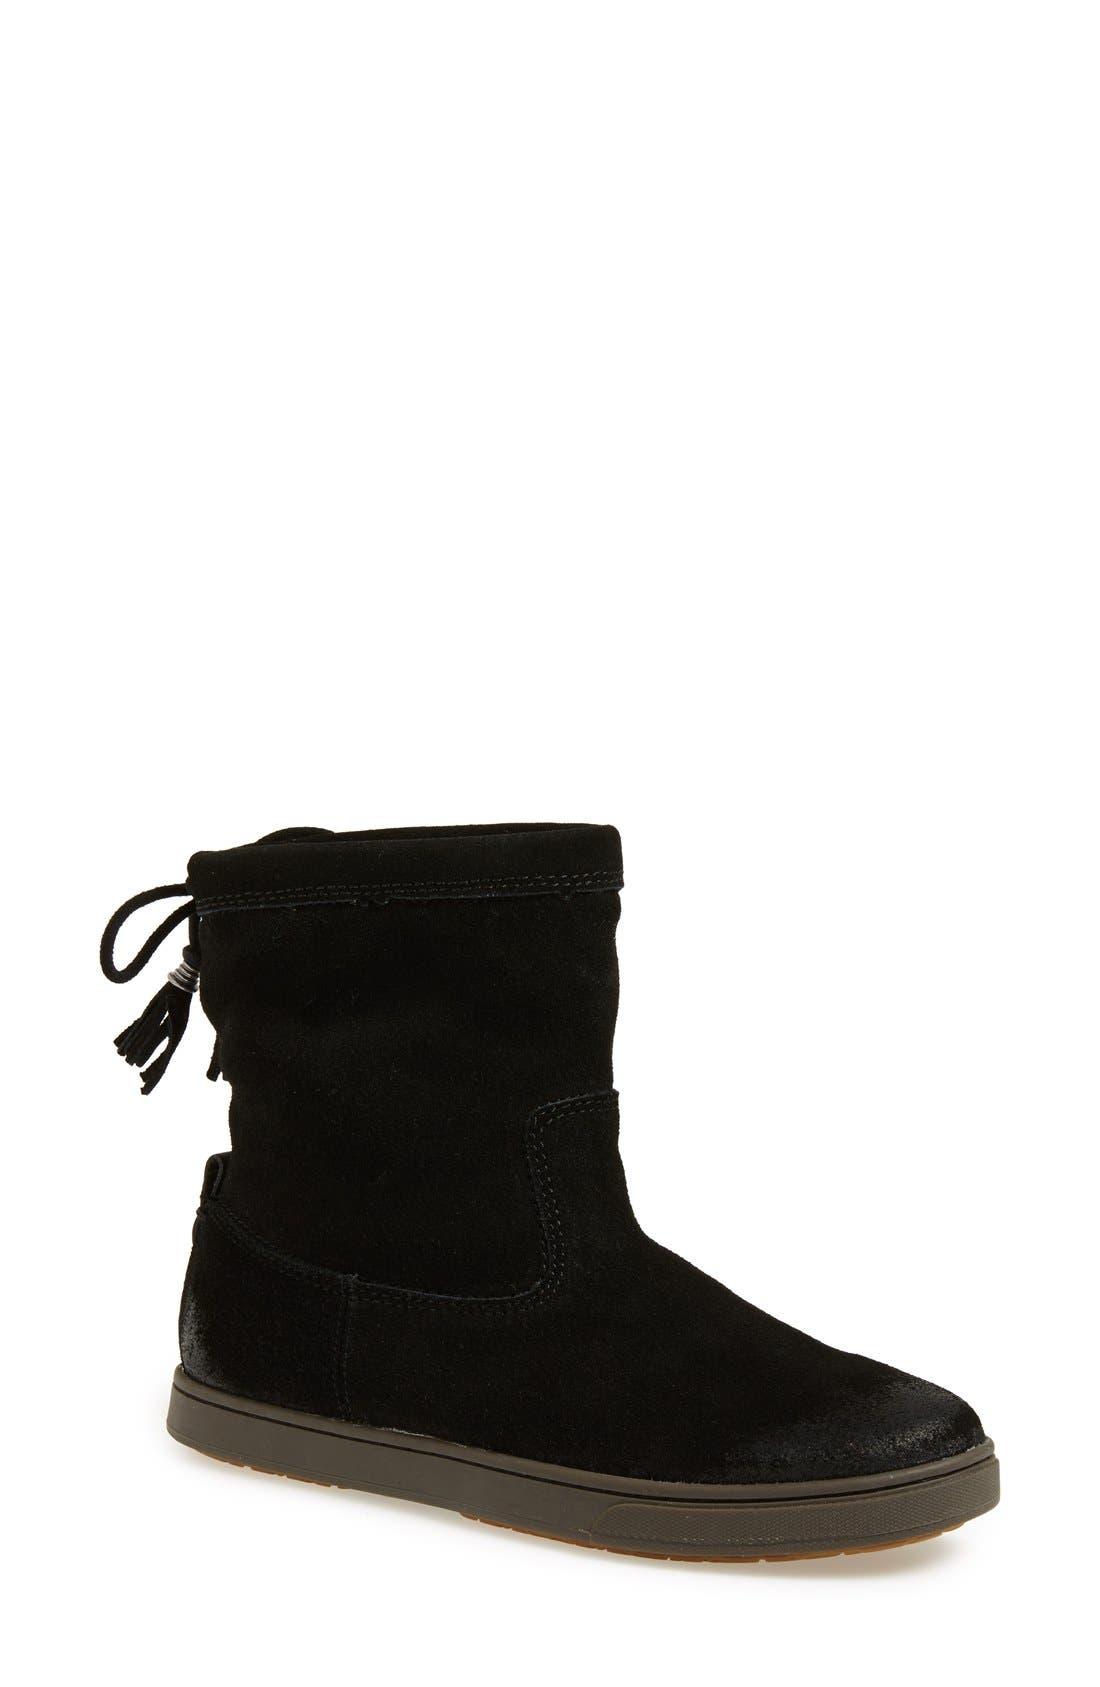 'Kapa Moe' Boot, Main, color, 001